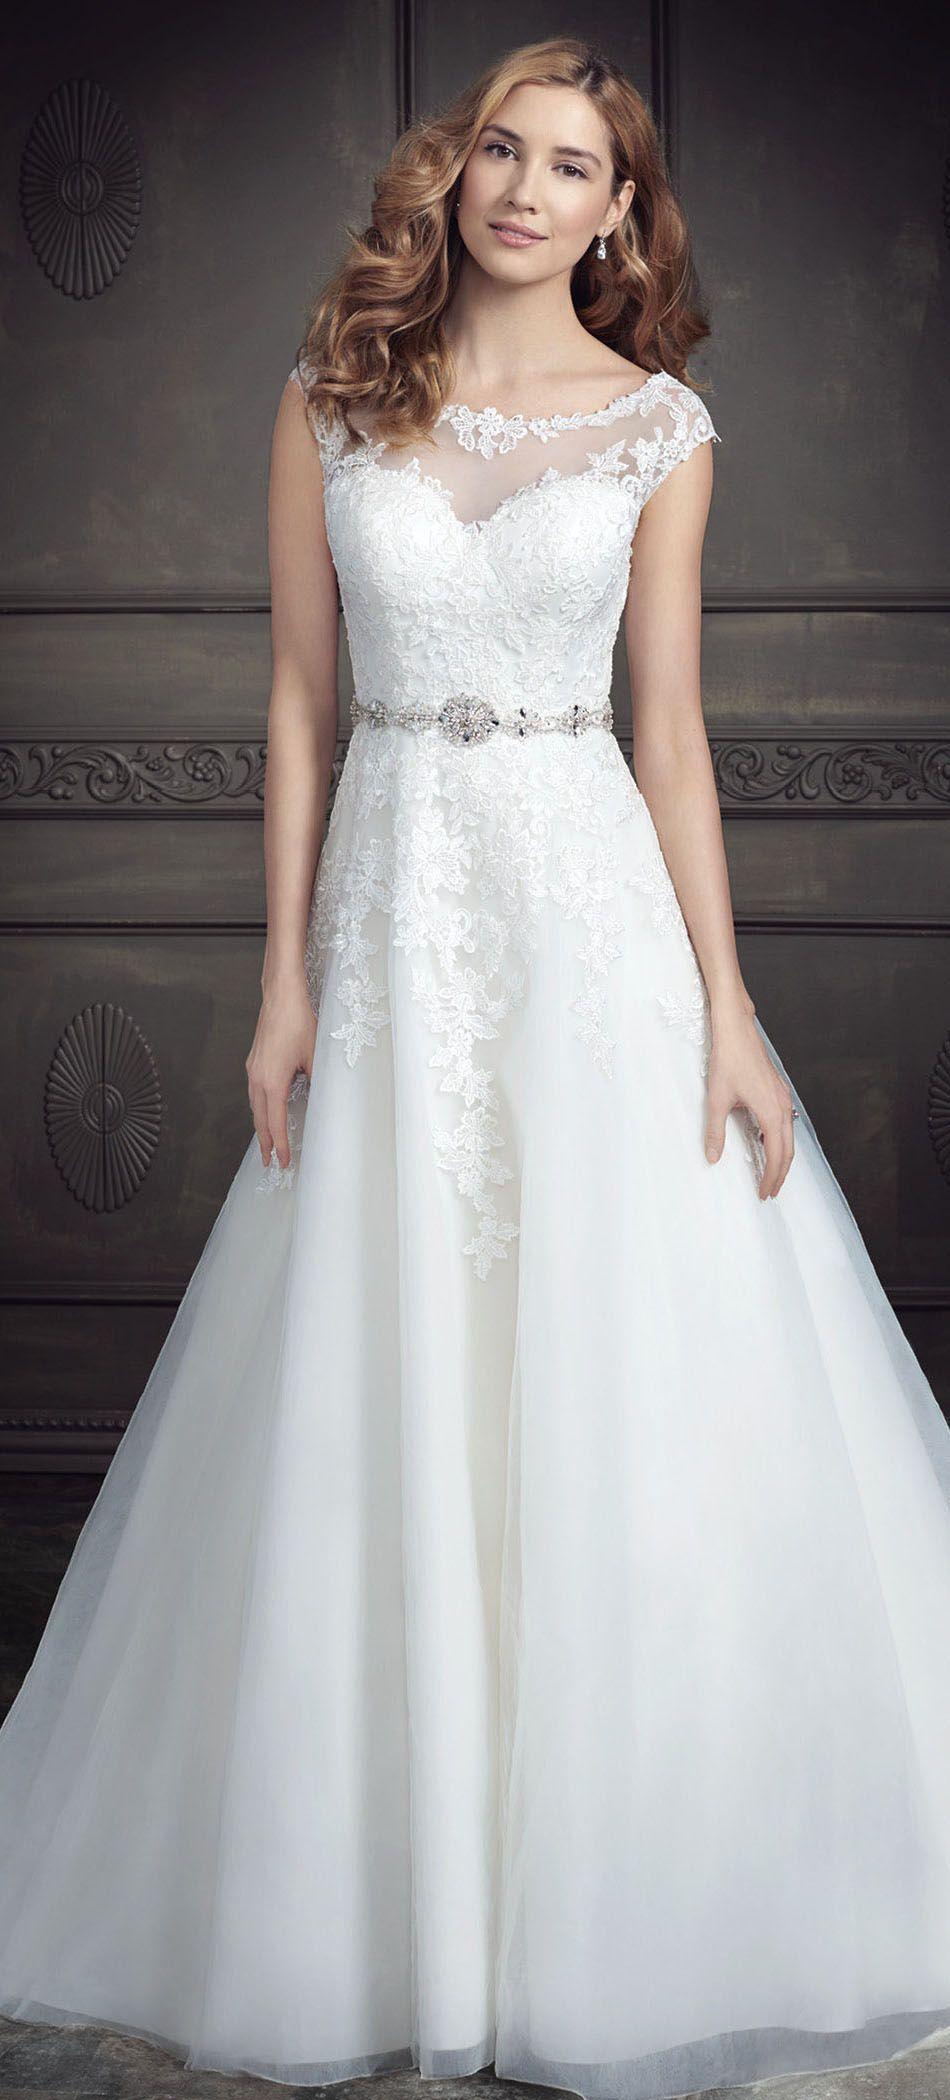 242.39Eelgant ALine Jeweled Lace&Tulle Wedding Dress